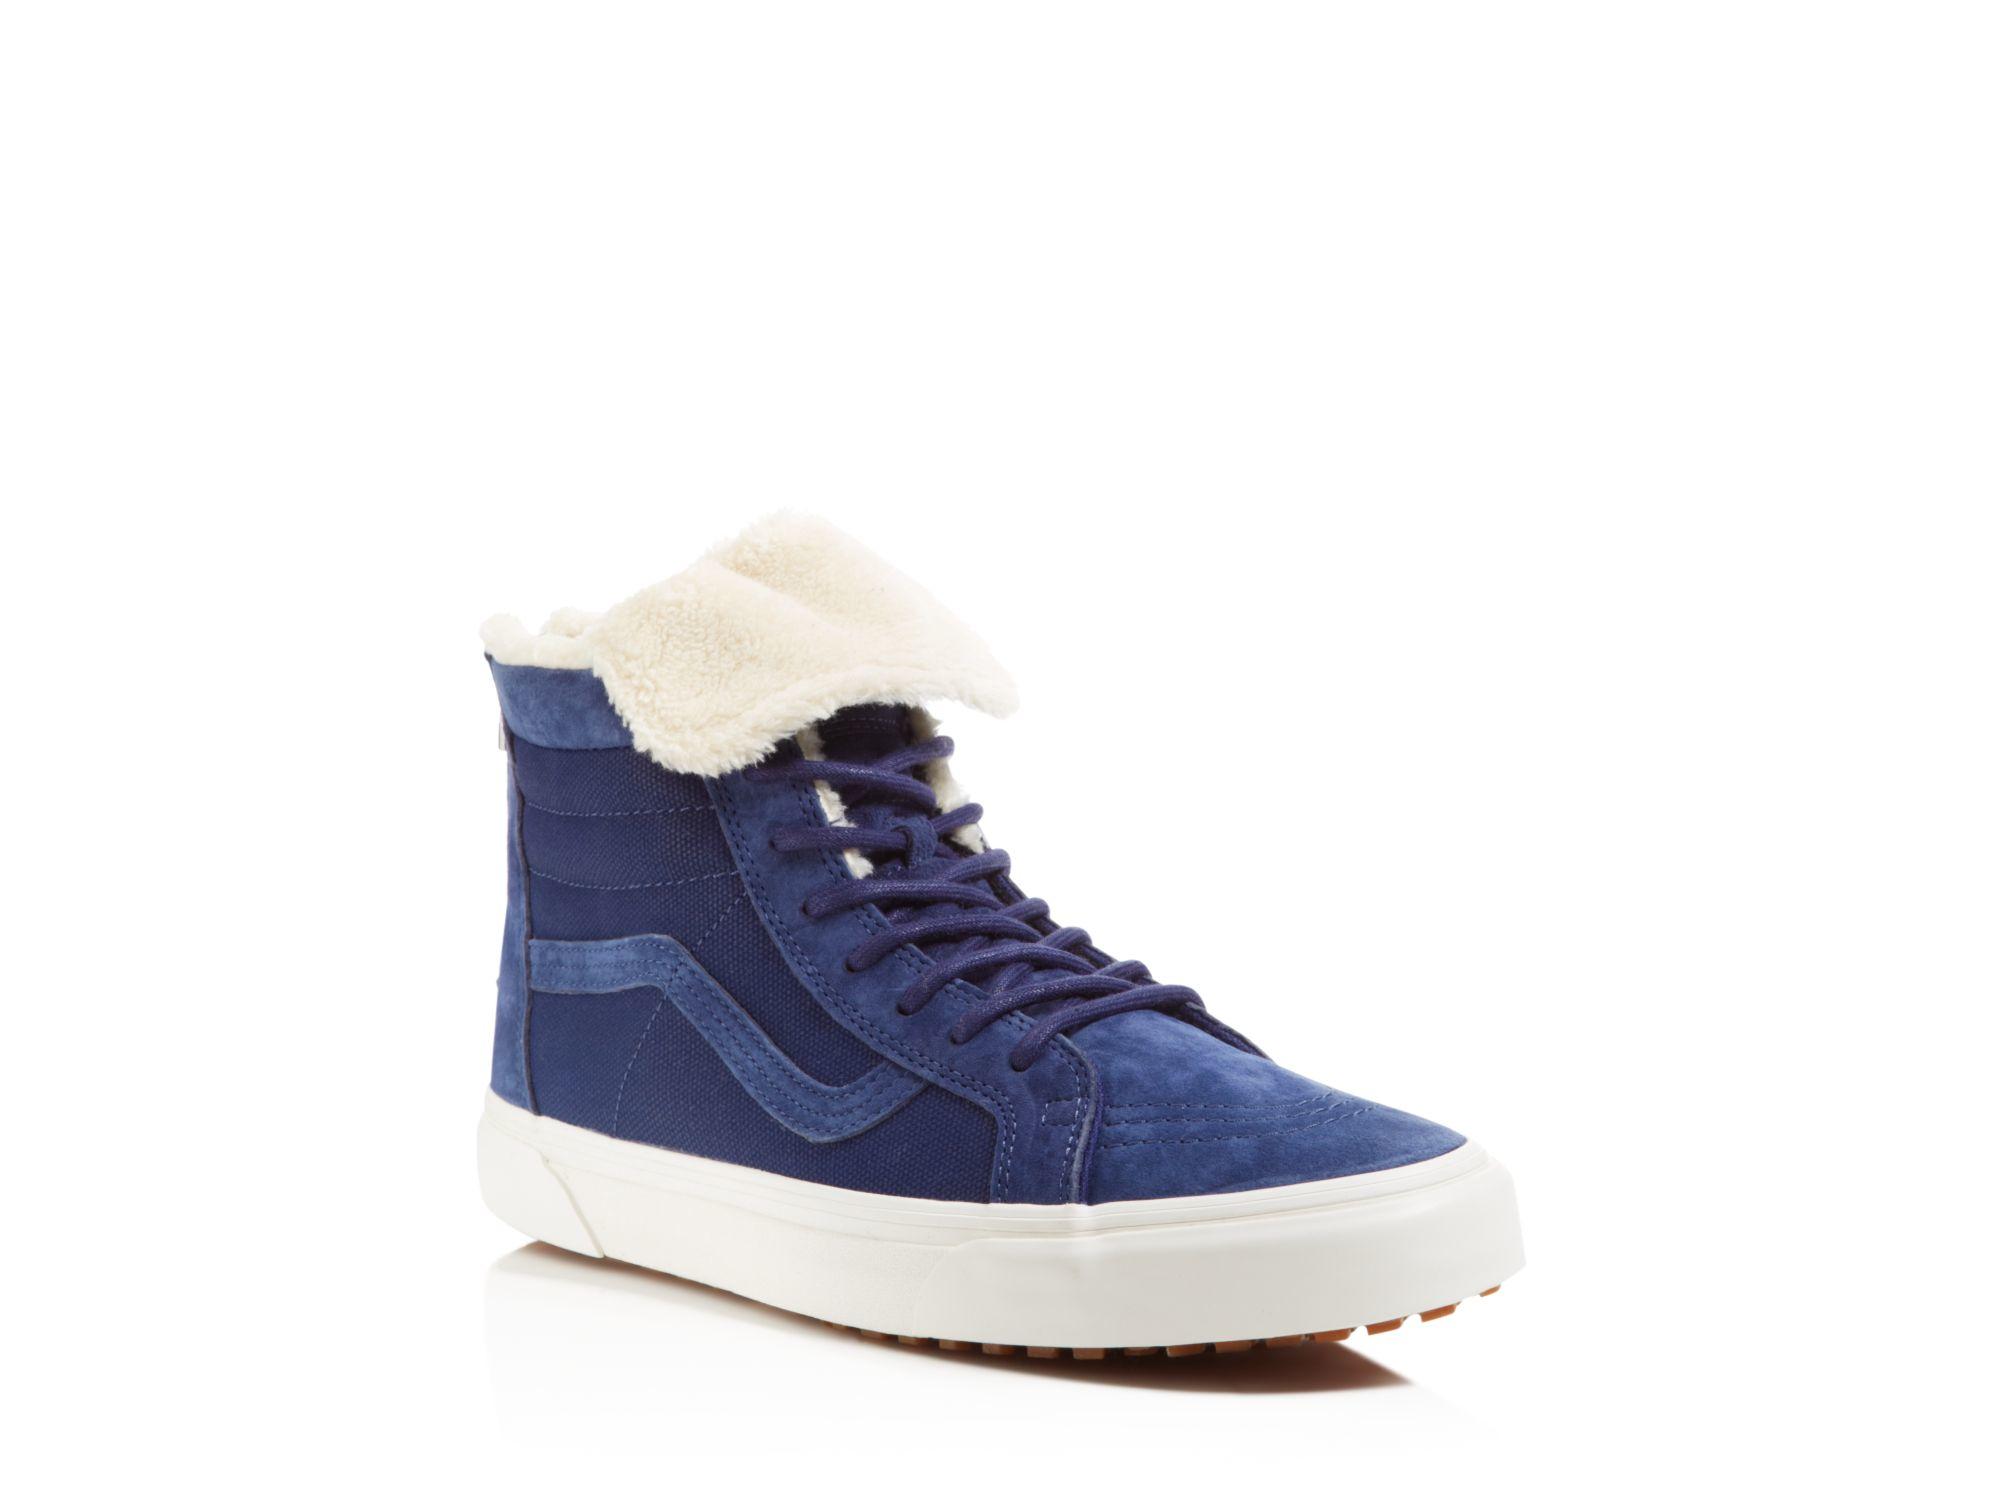 5d067908cc Lyst - Vans Sk8-hi Zip Mte Ca Fleece Sneakers in Blue for Men